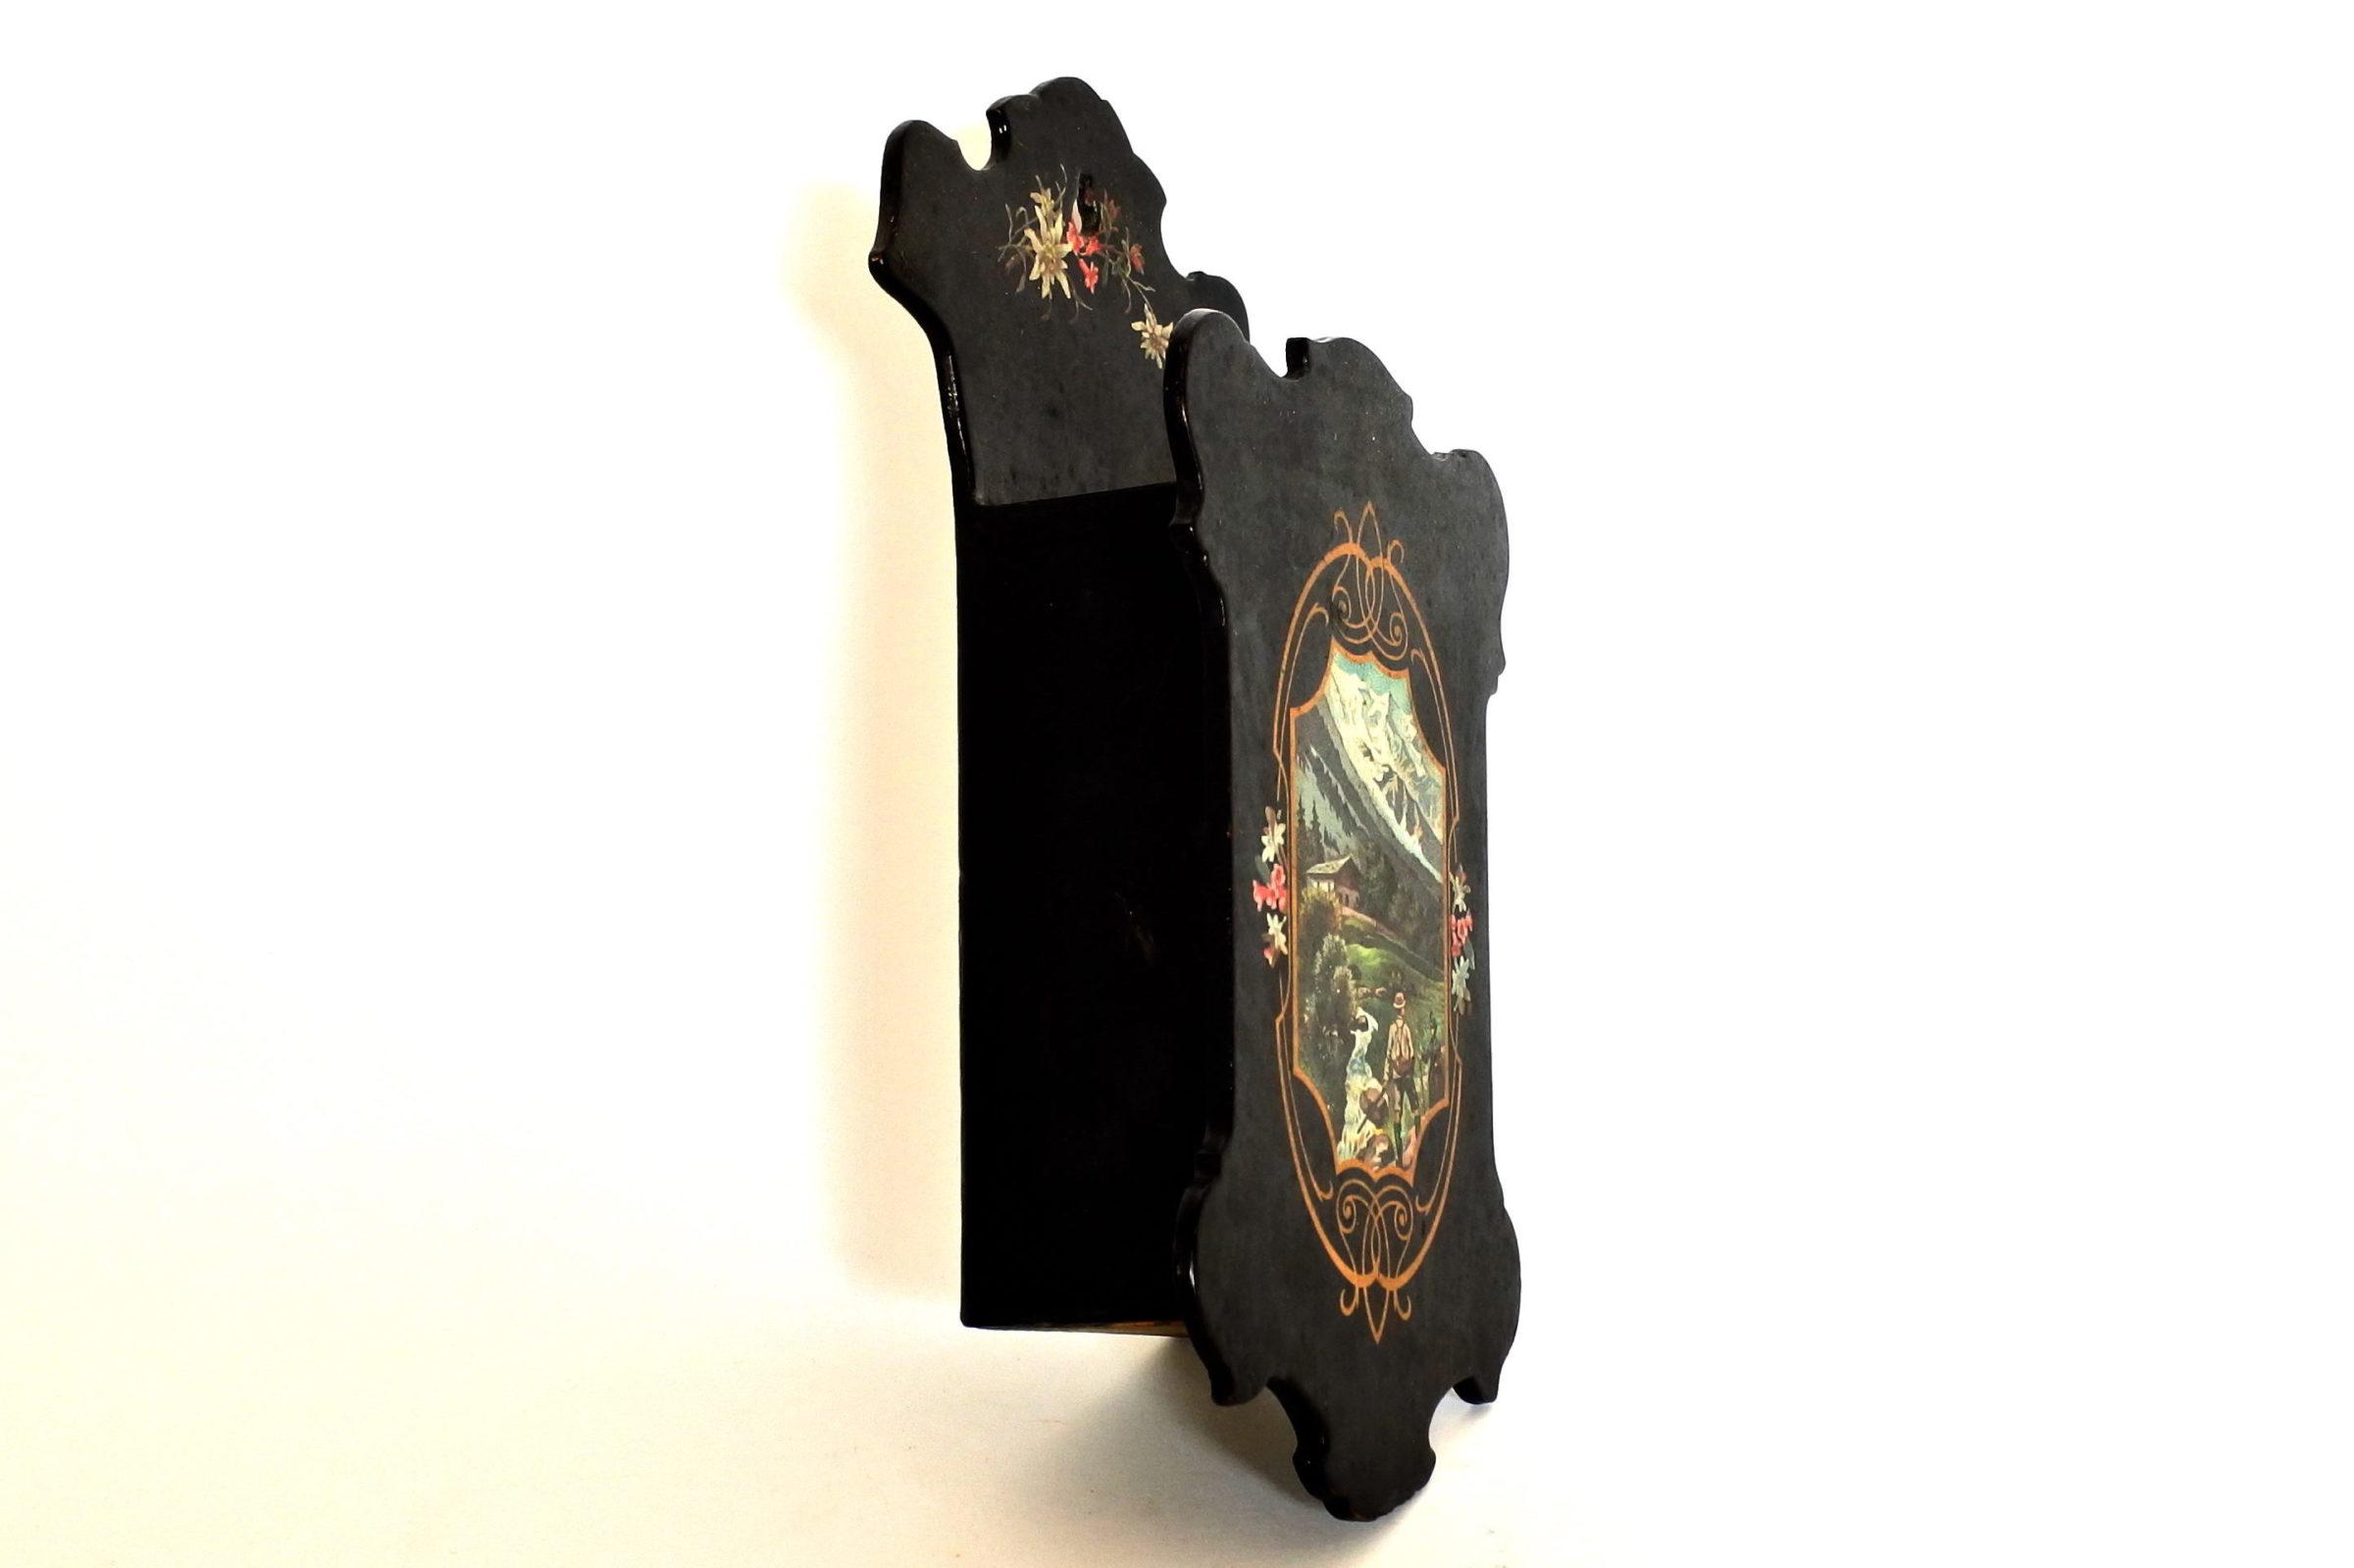 Portaspazzola in papier mache con paesaggio montano - 2